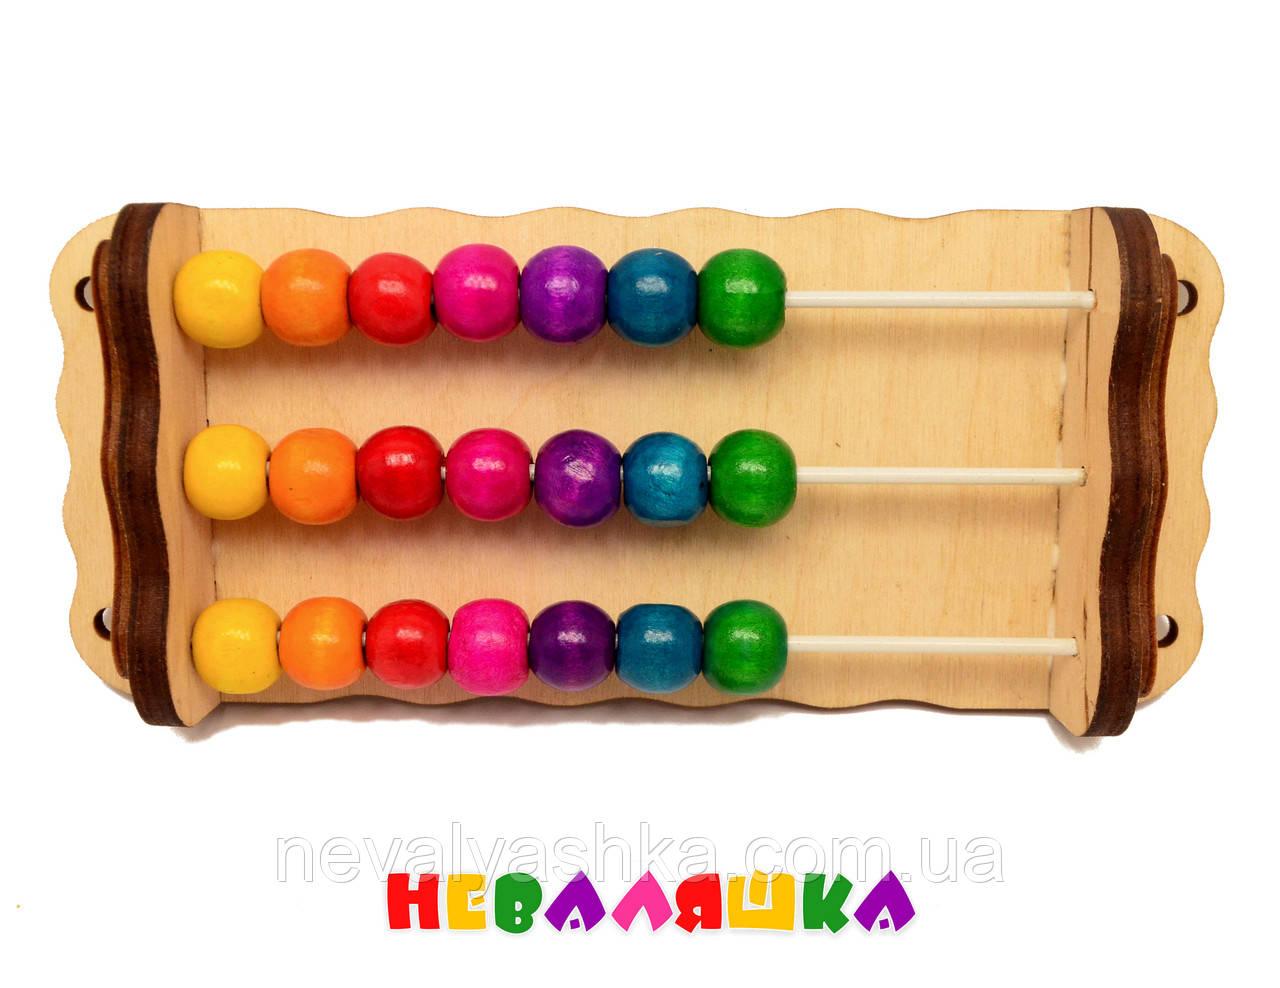 Заготовка для Бизиборда Счеты с Бусинами Разноцветные 3 линии 7 цветов Счёты Рахівниця Рахунки для Бізіборда